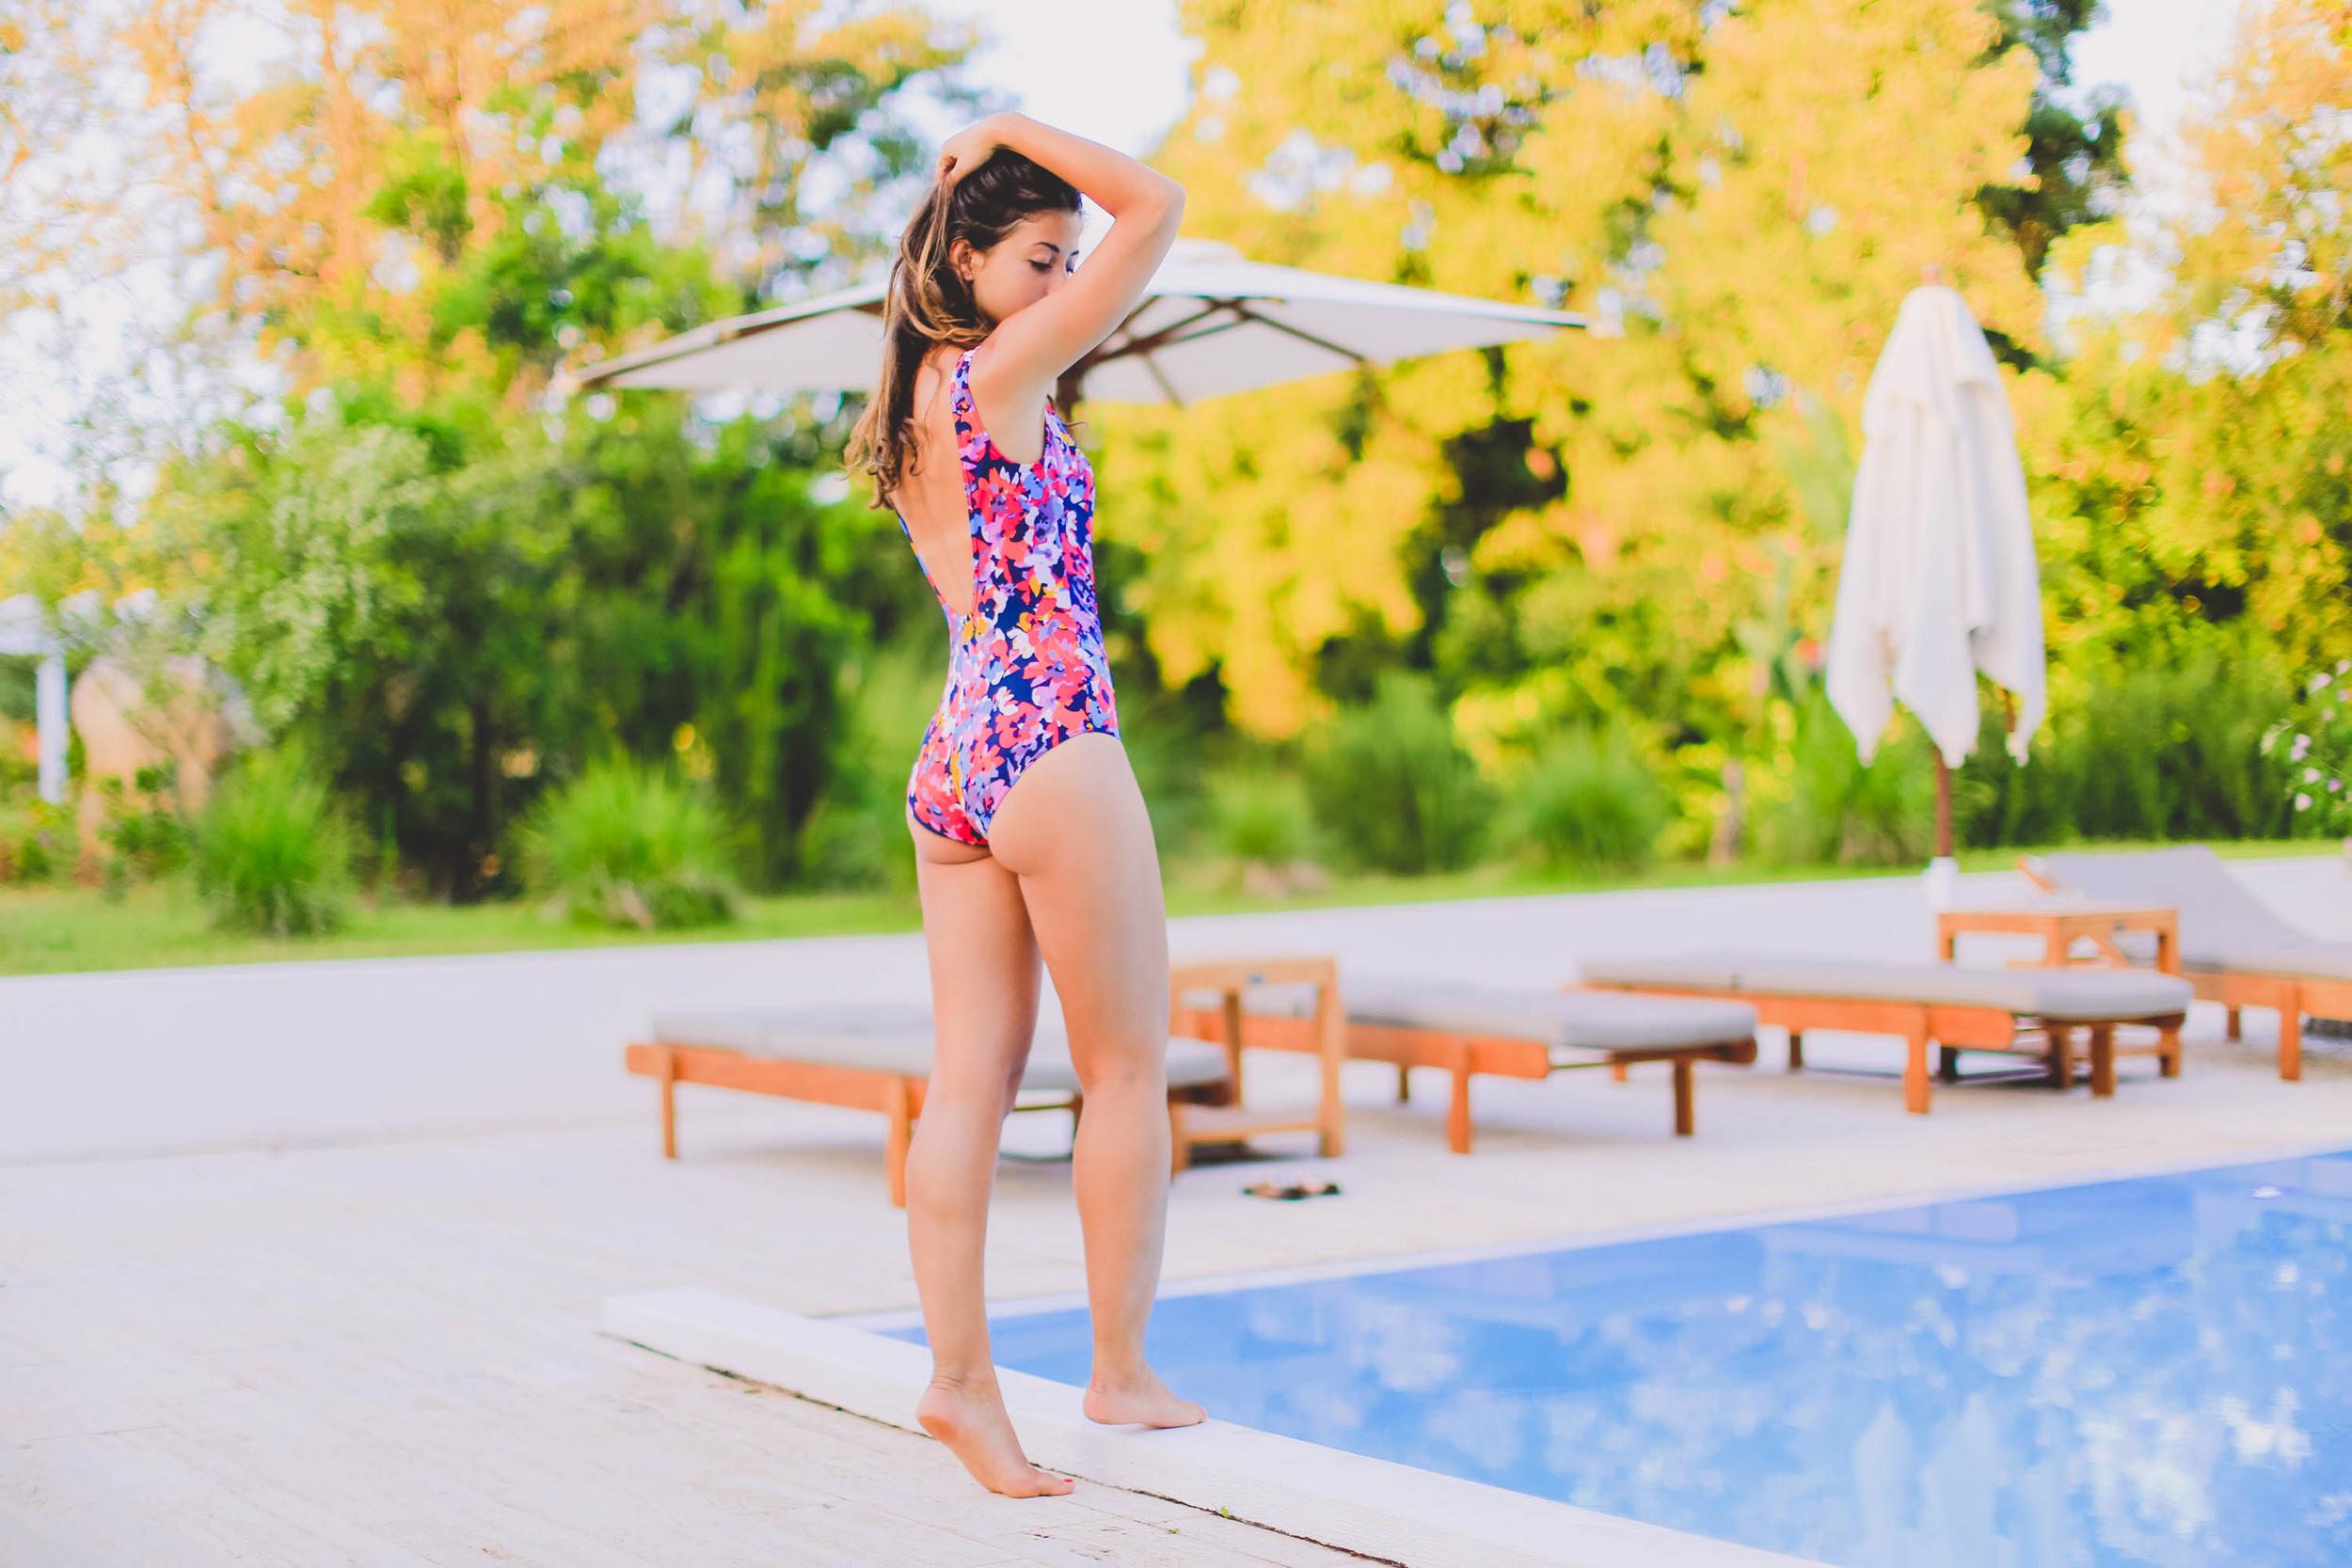 Bikini Lookbook Mimi Ikonn